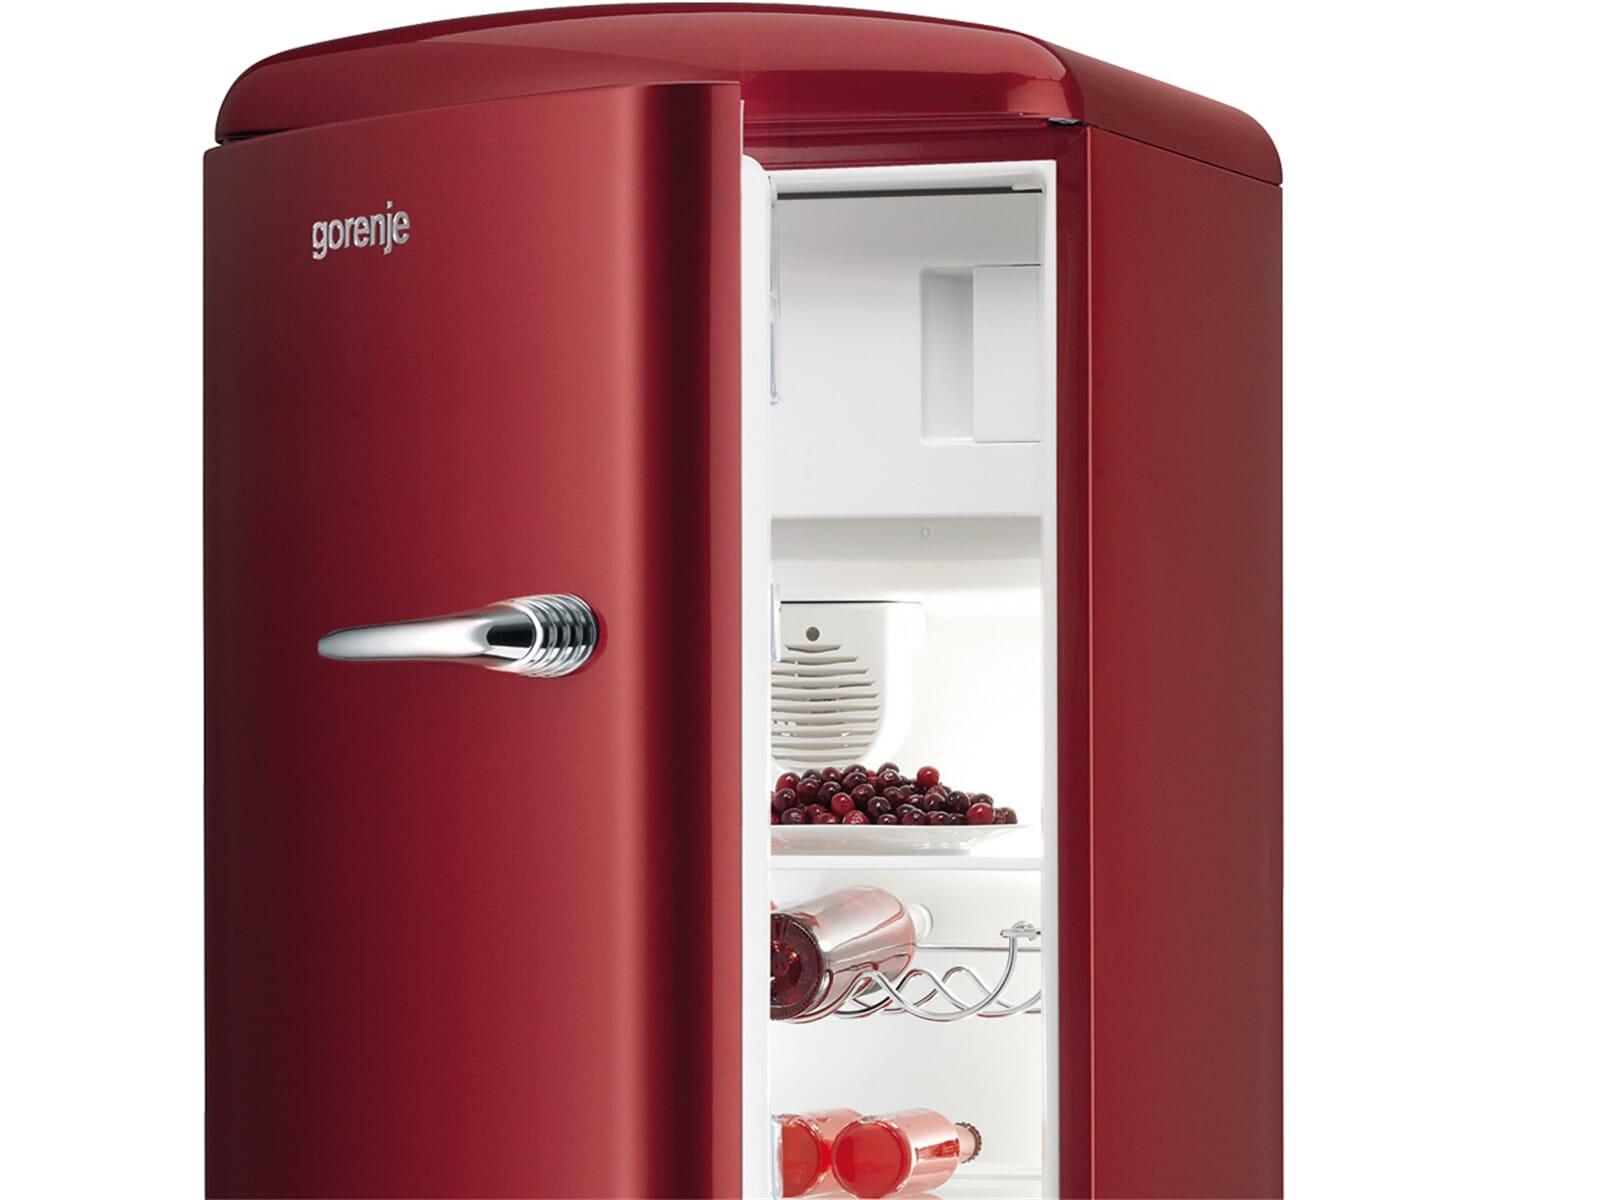 Smeg Kühlschrank Mit Gefrierfach : Smeg kühlschrank piept dometic kühlschrank wohnmobil piept